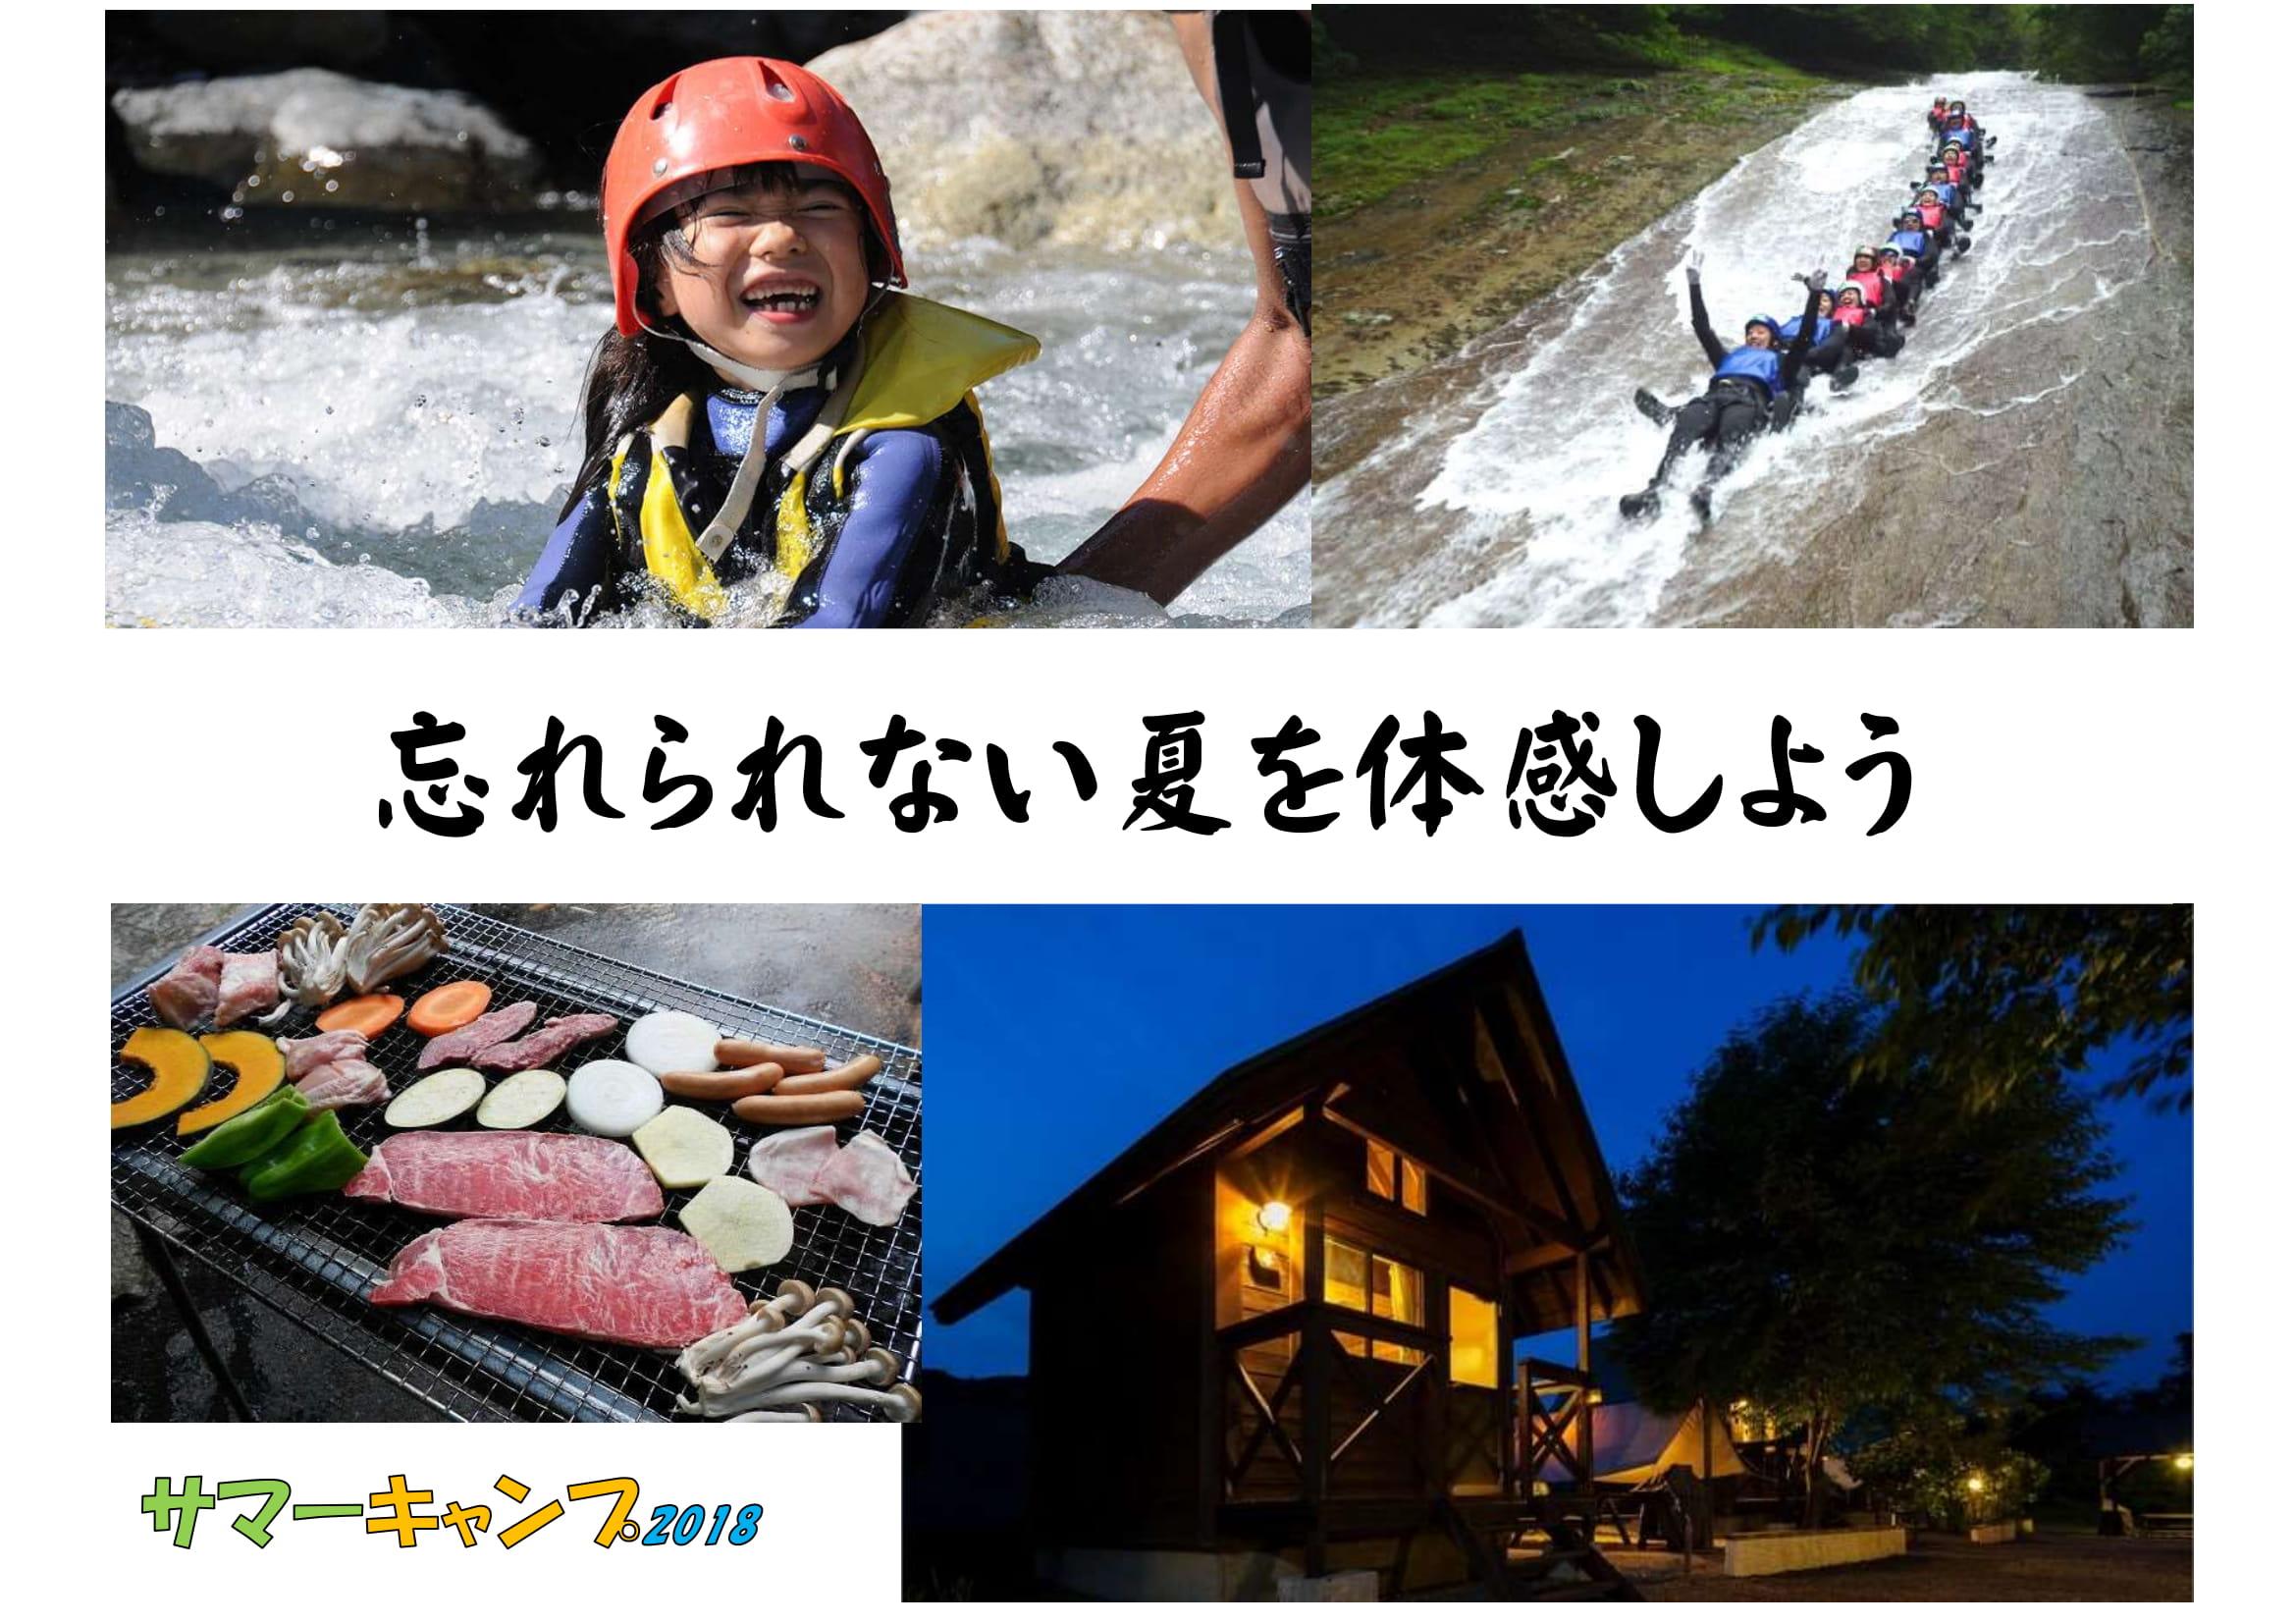 西新井スイミング「大自然をまるごとぼうけんしよう!」募集開始!